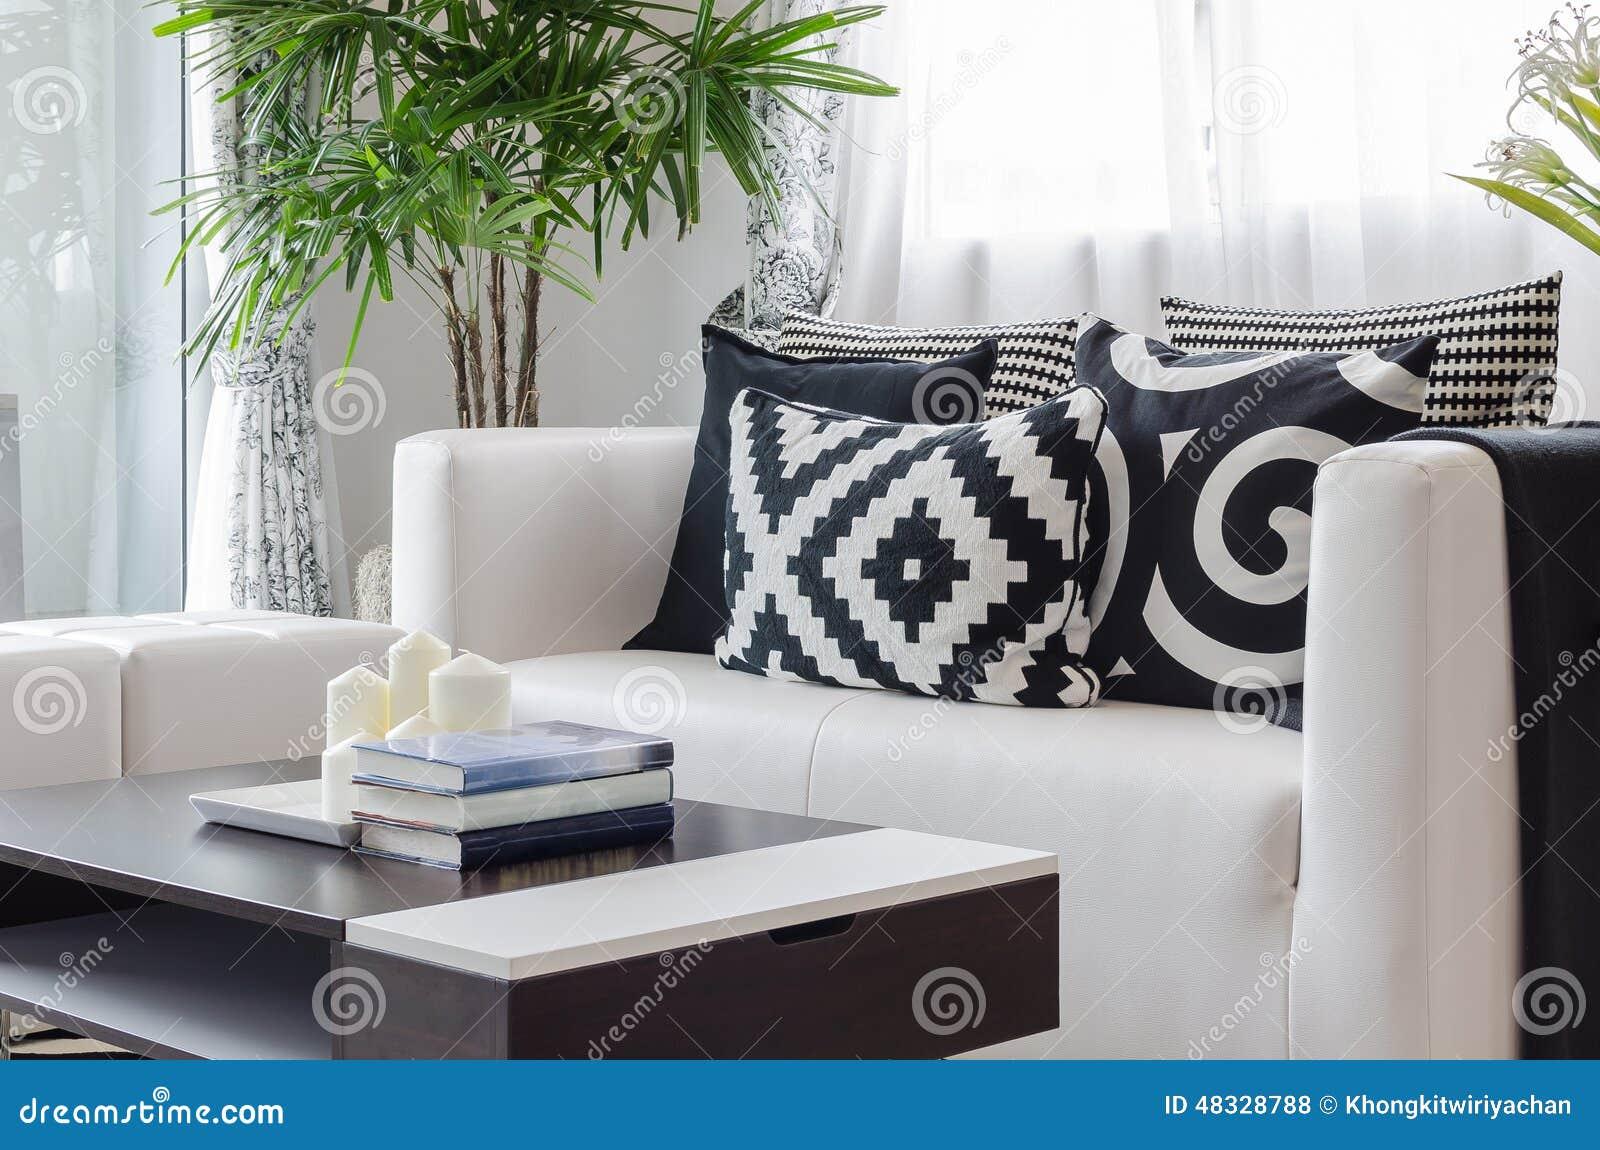 Download Modernes Schwarzweiss Wohnzimmer Stockfoto   Bild Von Luxus,  Auslegung: 48328788